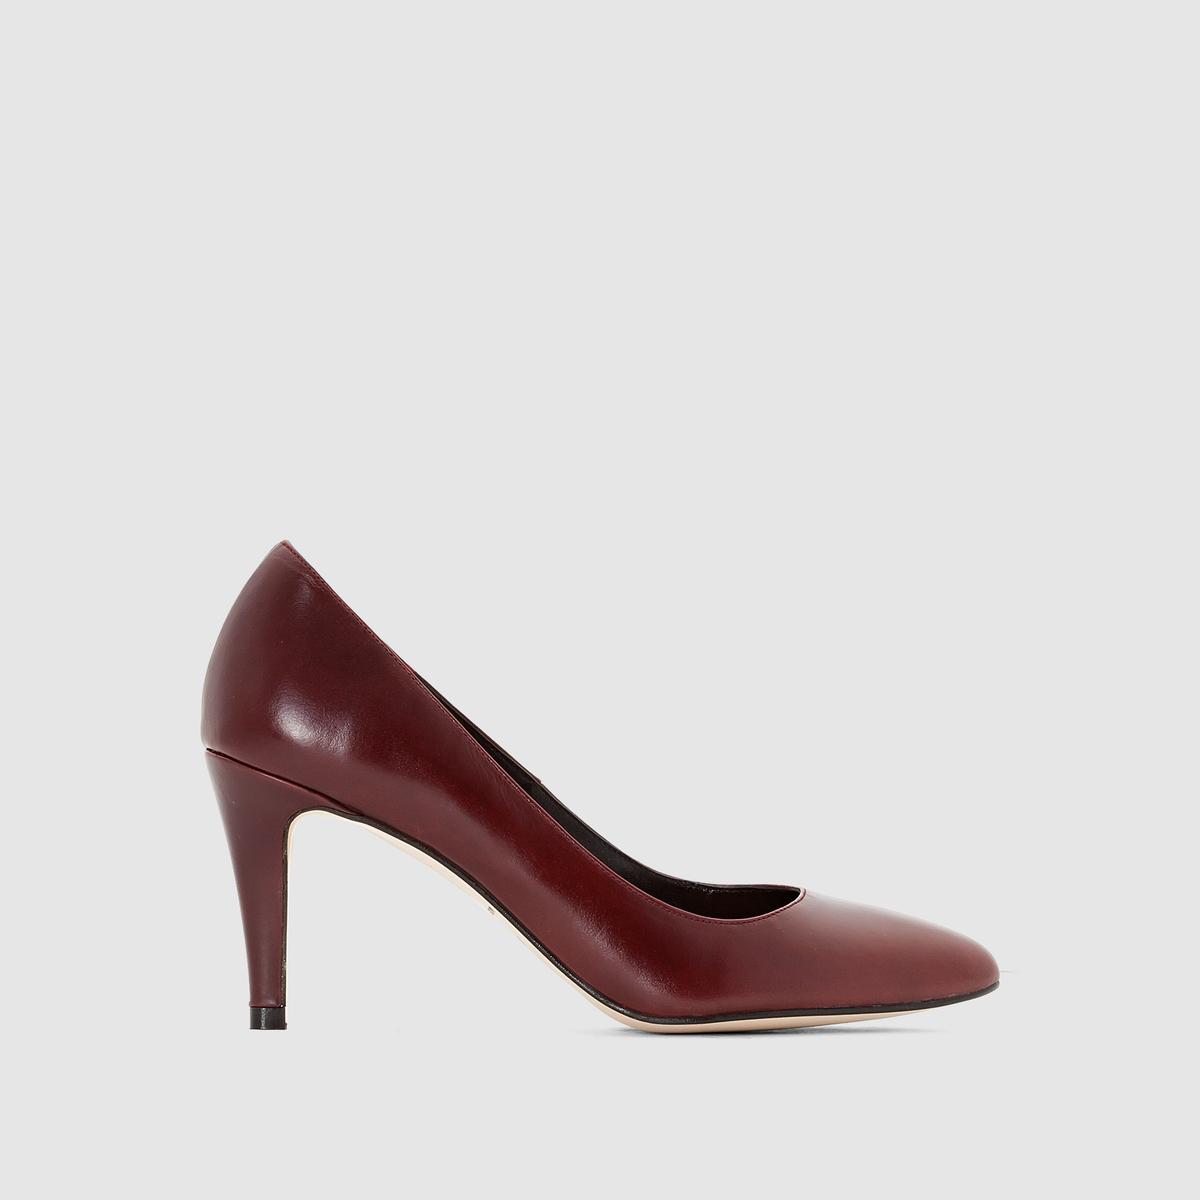 Туфли на каблуке 11395Подкладка : Кожа   Подошва: эластомер   Высота каблука: 8 смФорма каблука : Тонкий каблук   Носок : Острый мысок   Застежка: без застежки<br><br>Цвет: бордовый,серо-коричневый<br>Размер: 40.39.36